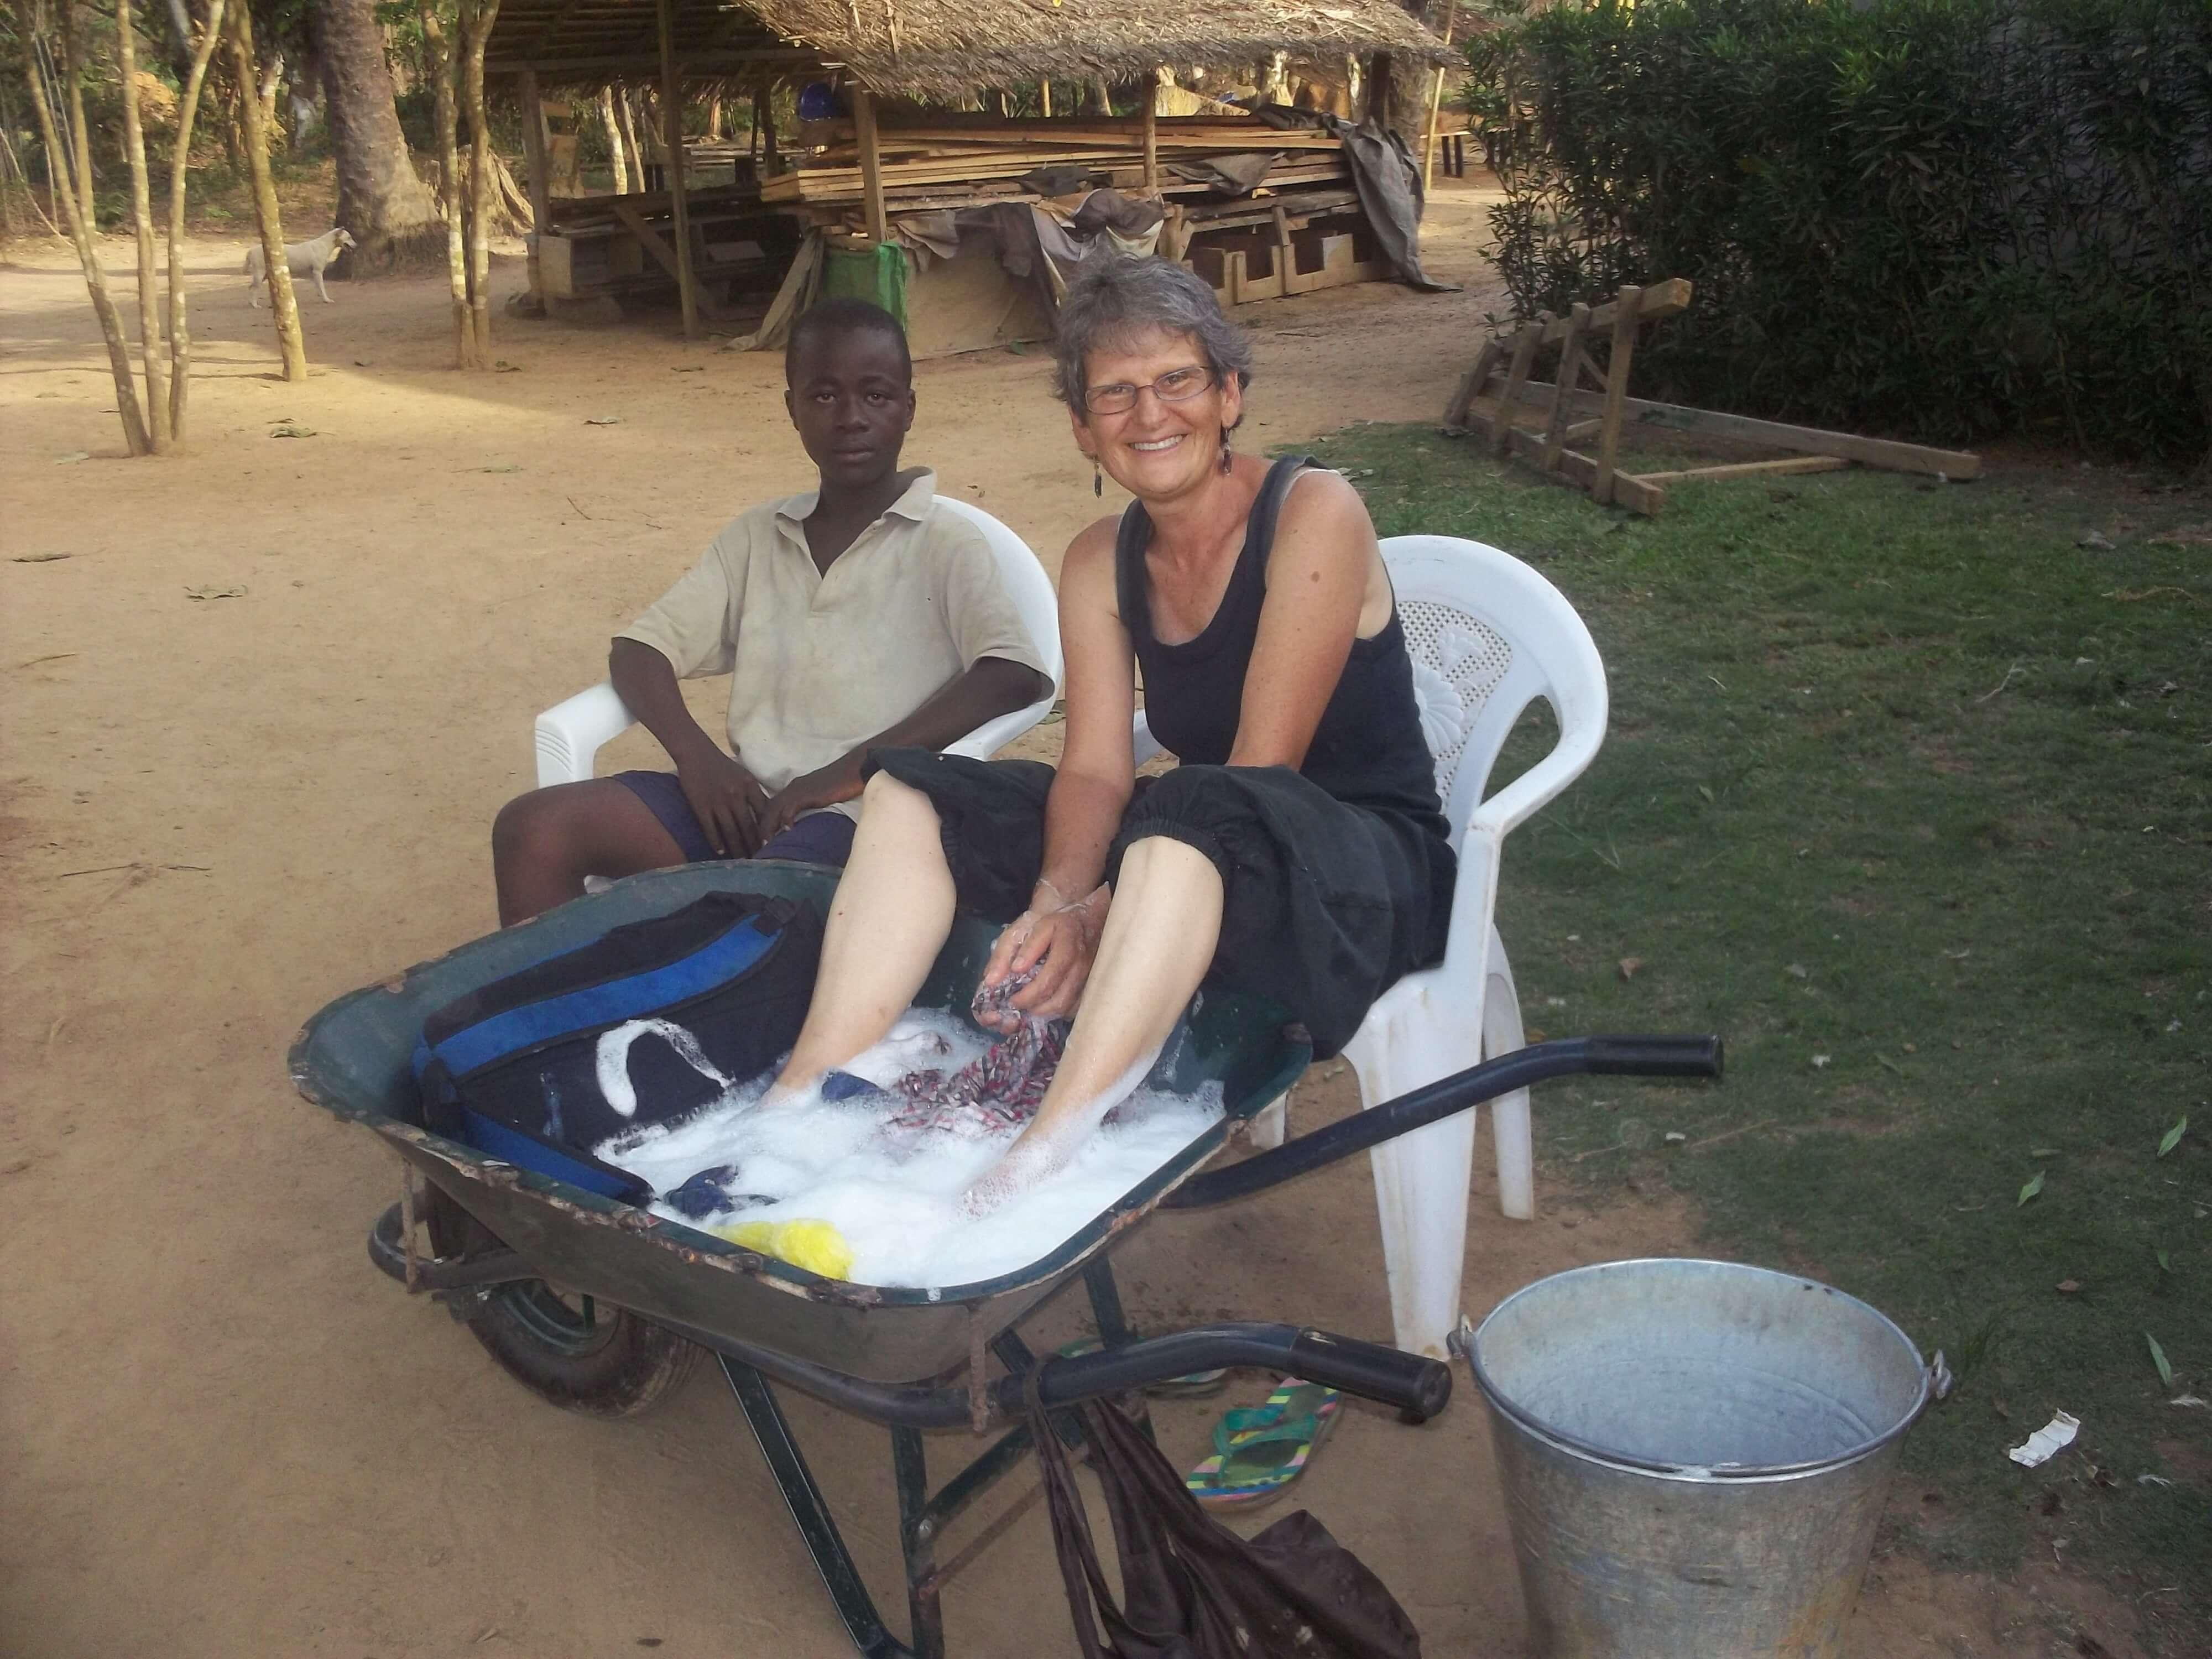 Notre amie Christine, missionnaire au Liberia. 'Alors comme ça quand  on fait sa lessive, on en prof